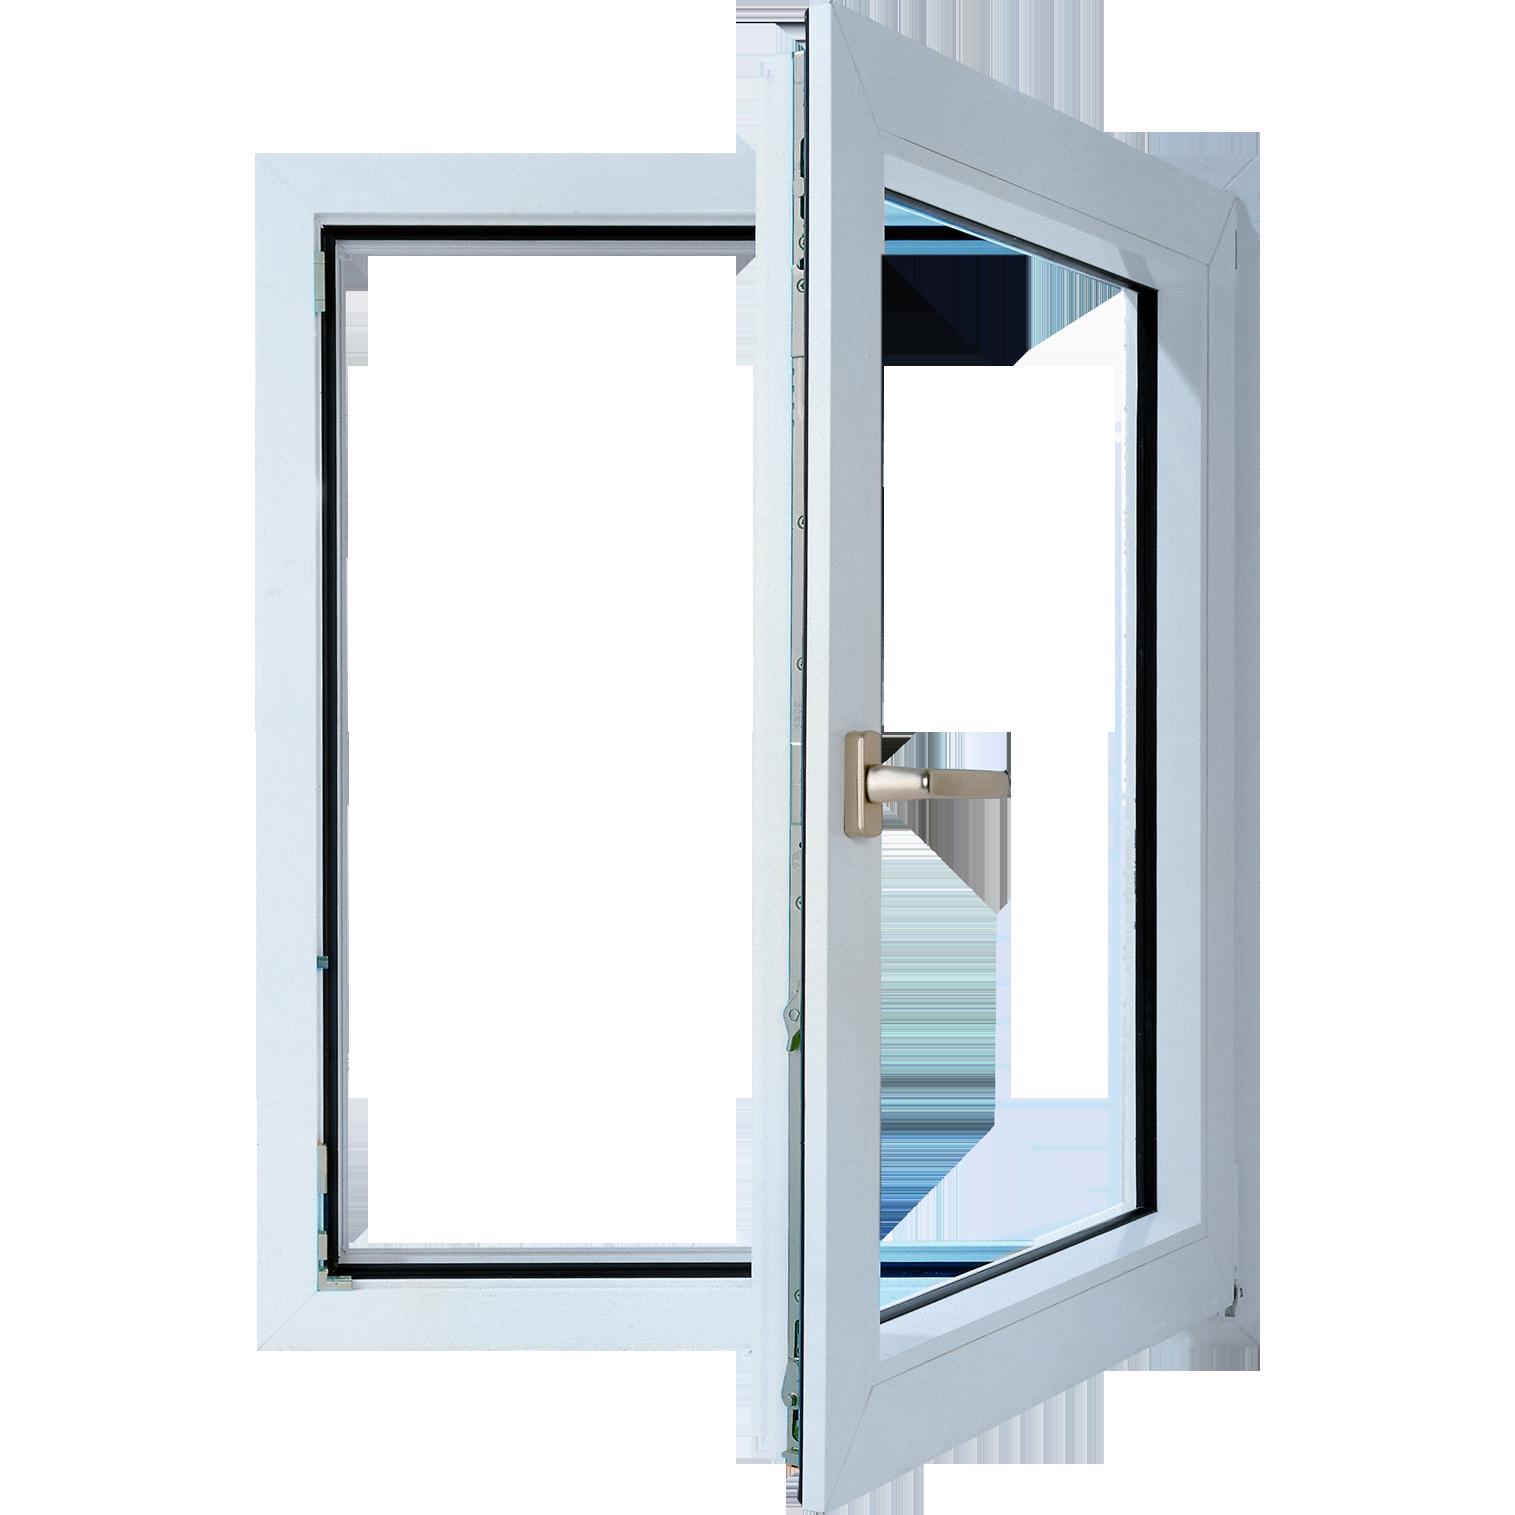 παράθυρο μπάνιου με σίτα (550mm X 650mm)